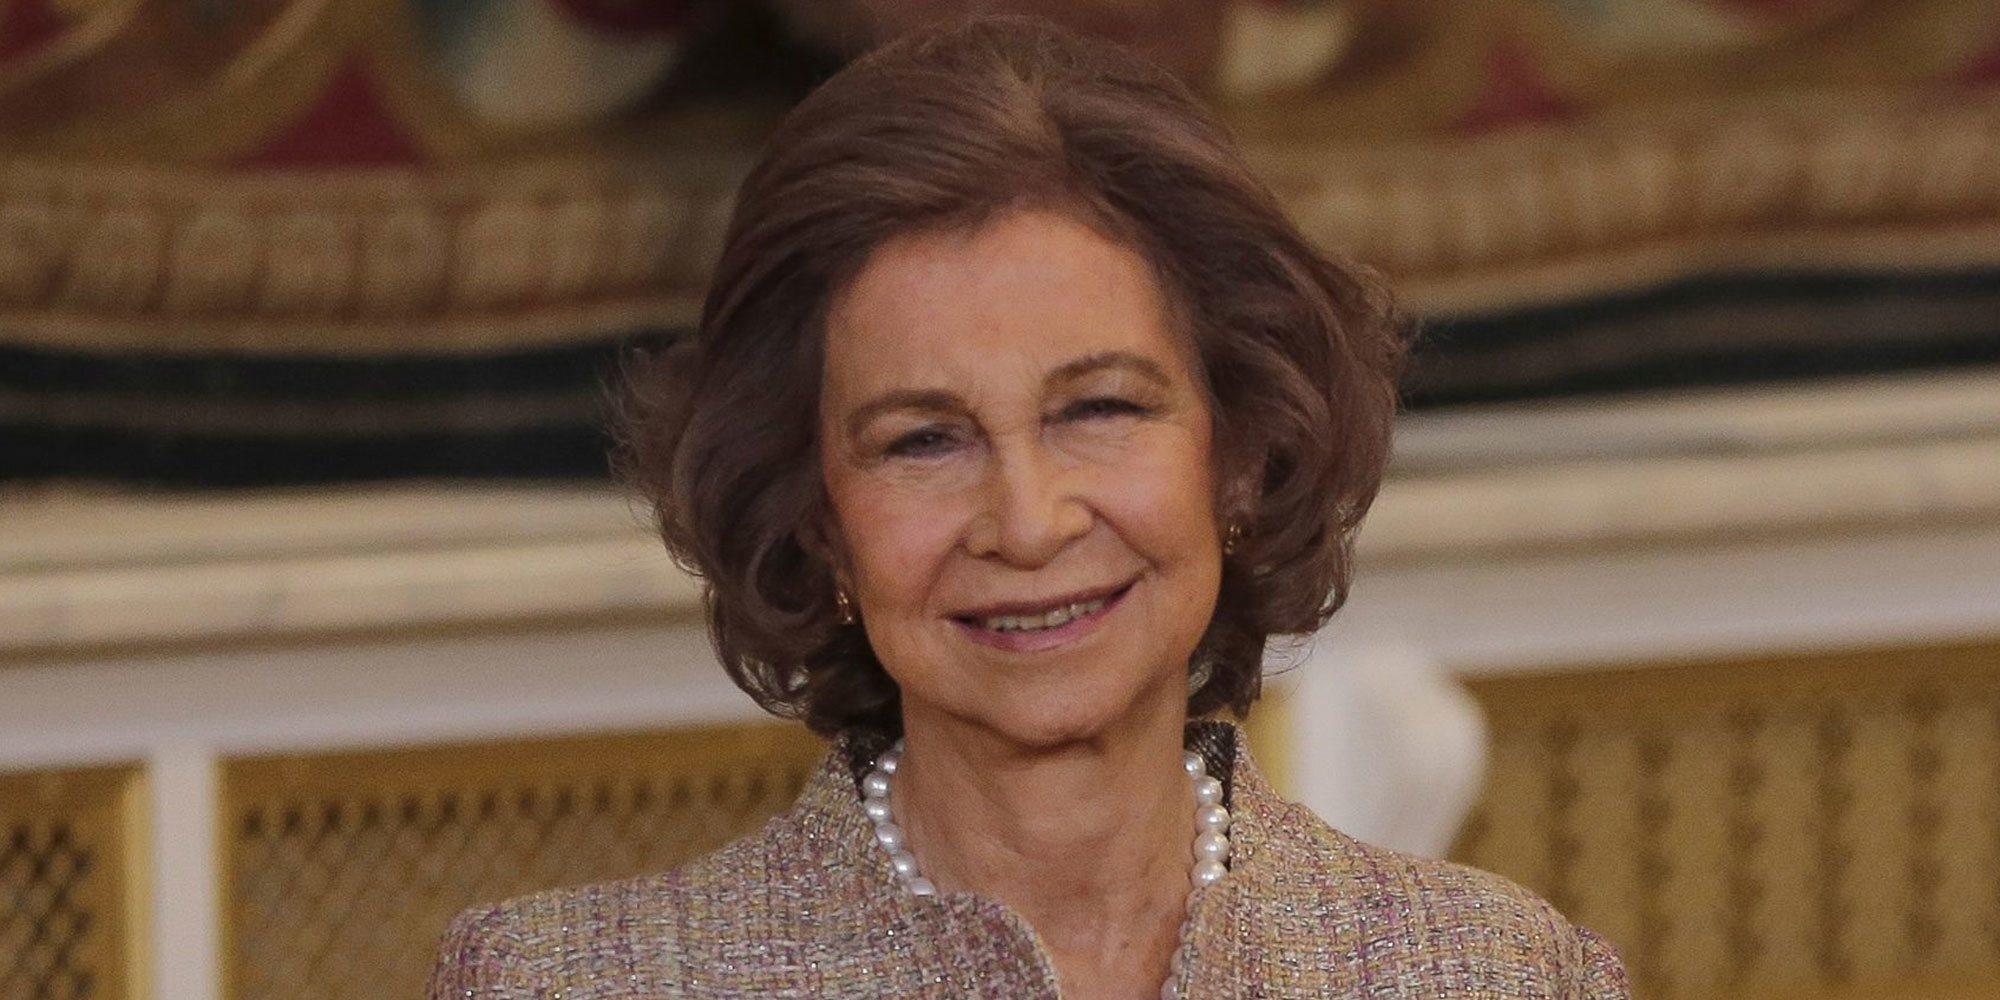 La Reina Sofía elige otro destino marcado por la familia tras su viaje a Grecia